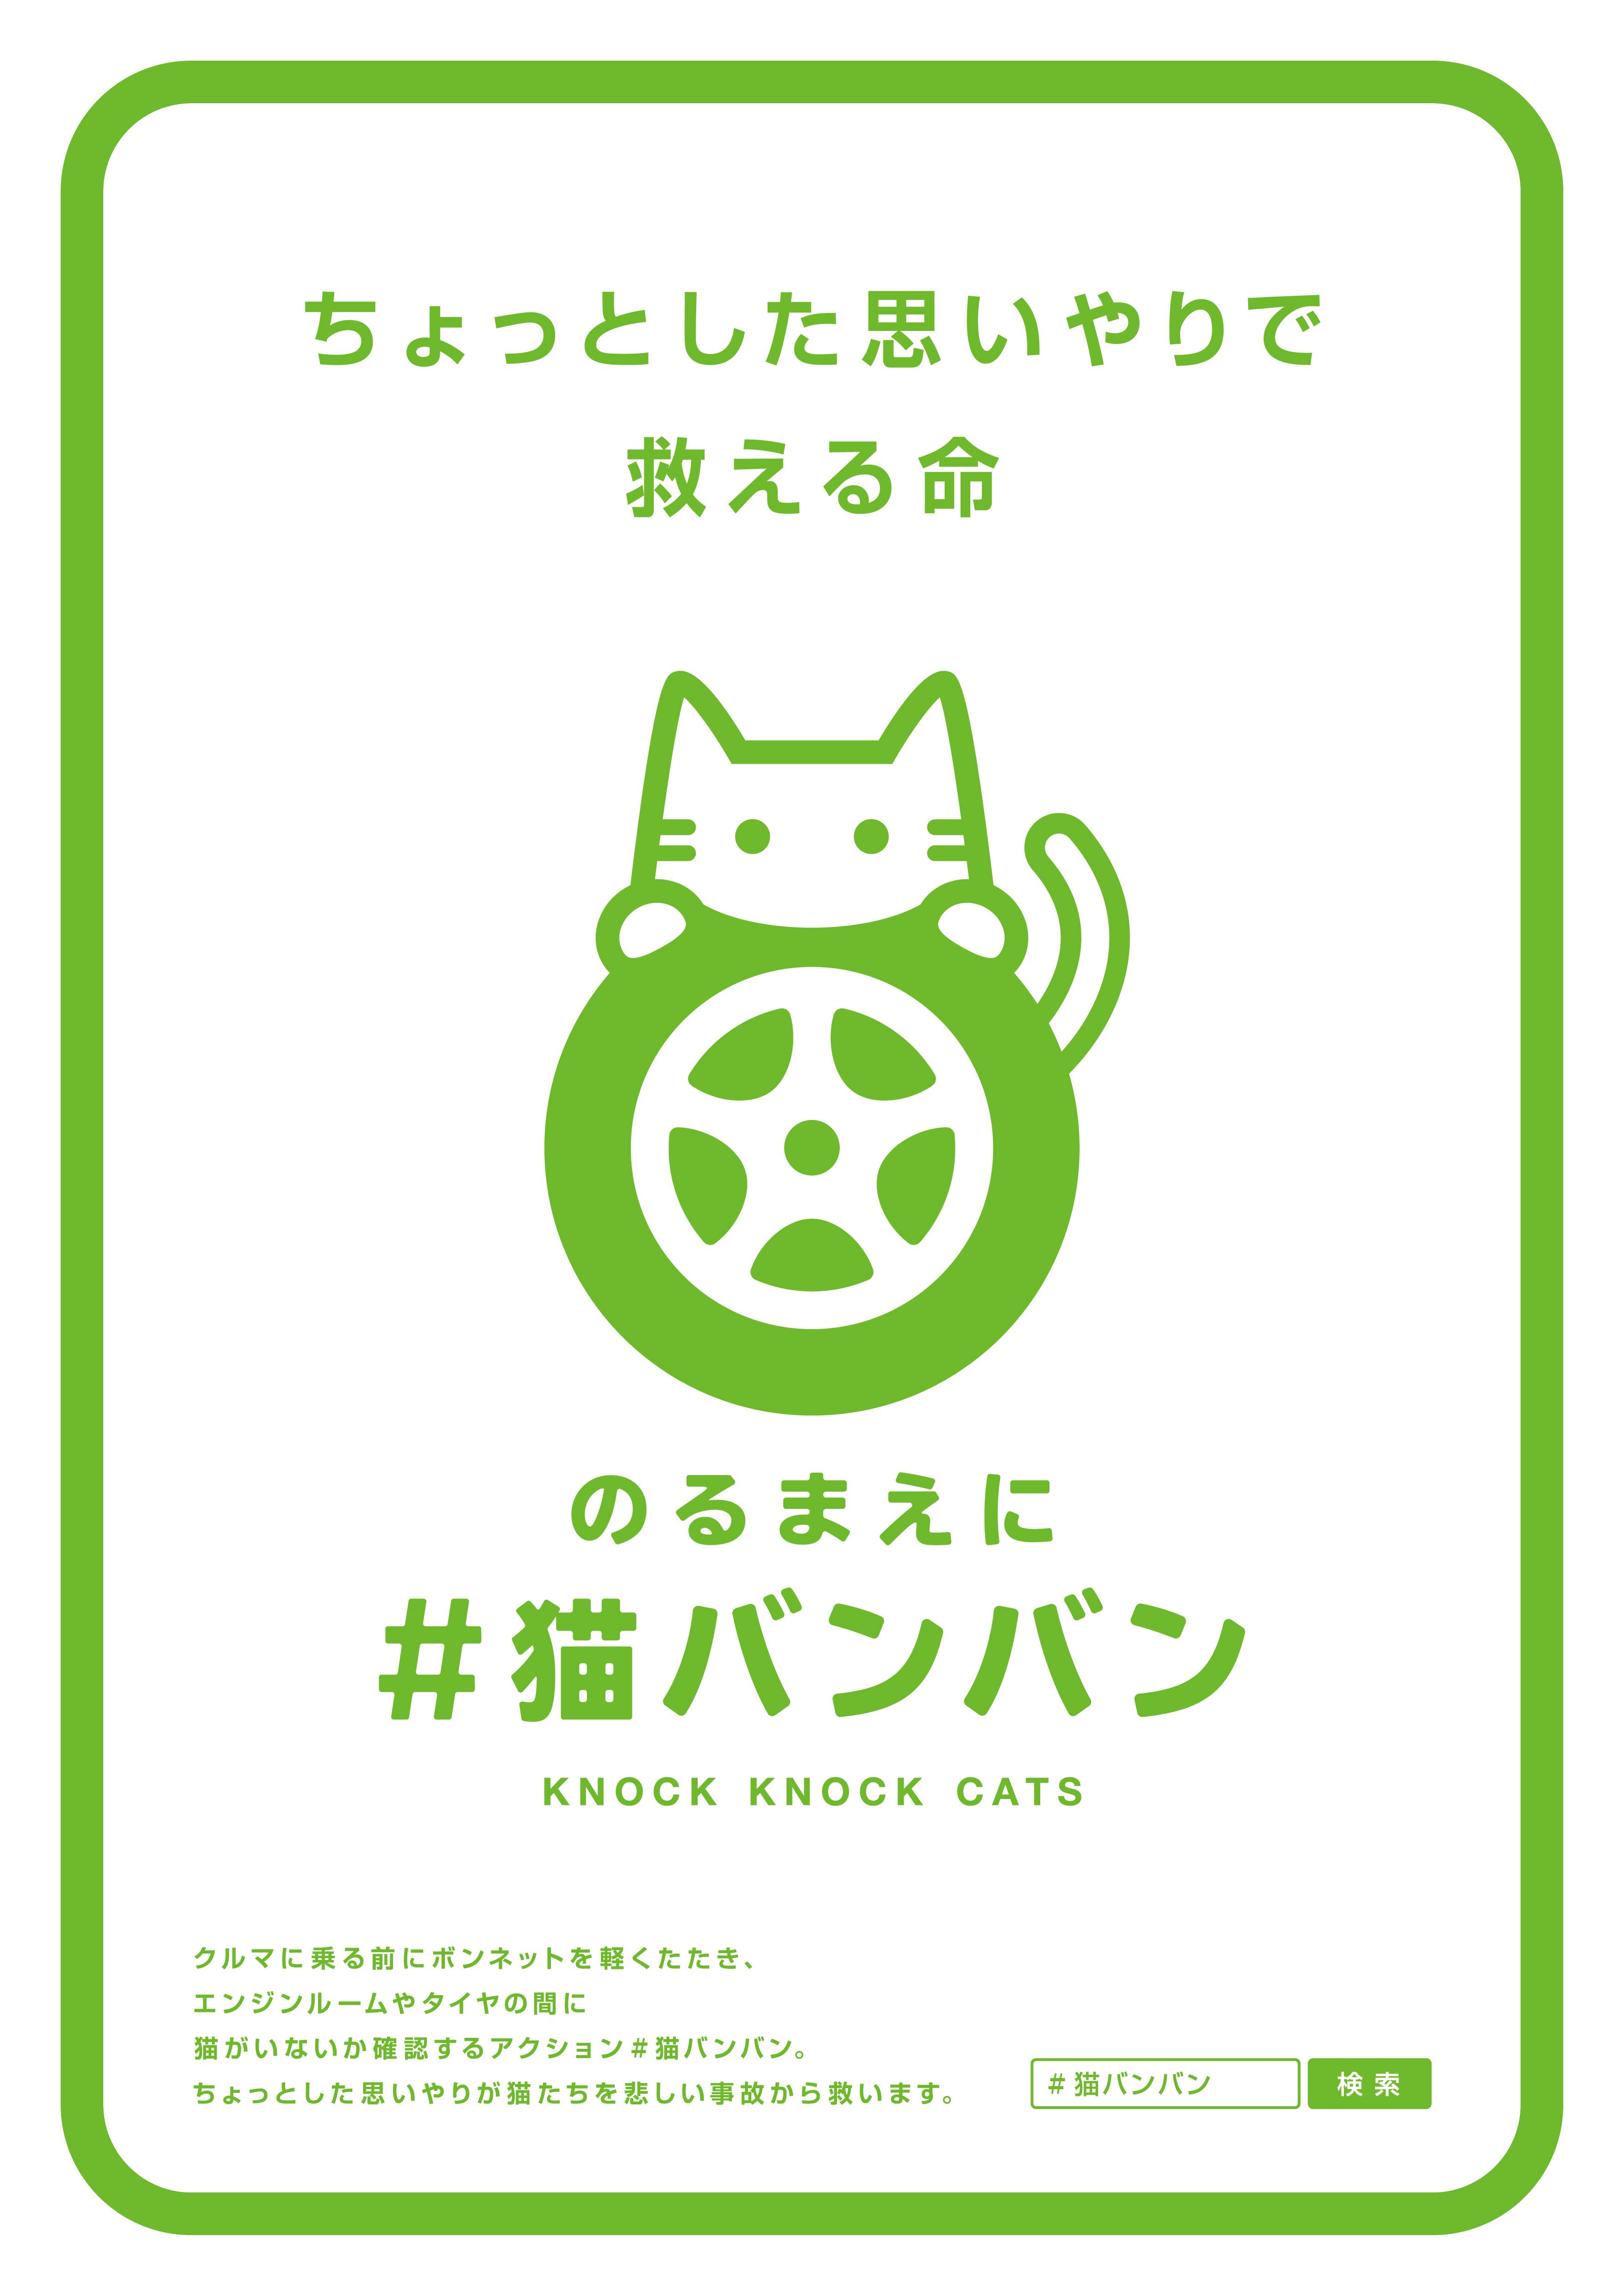 【猫の命を守ろう】車乗る前には「猫バンバン」を心がけよう!!!のサムネイル画像